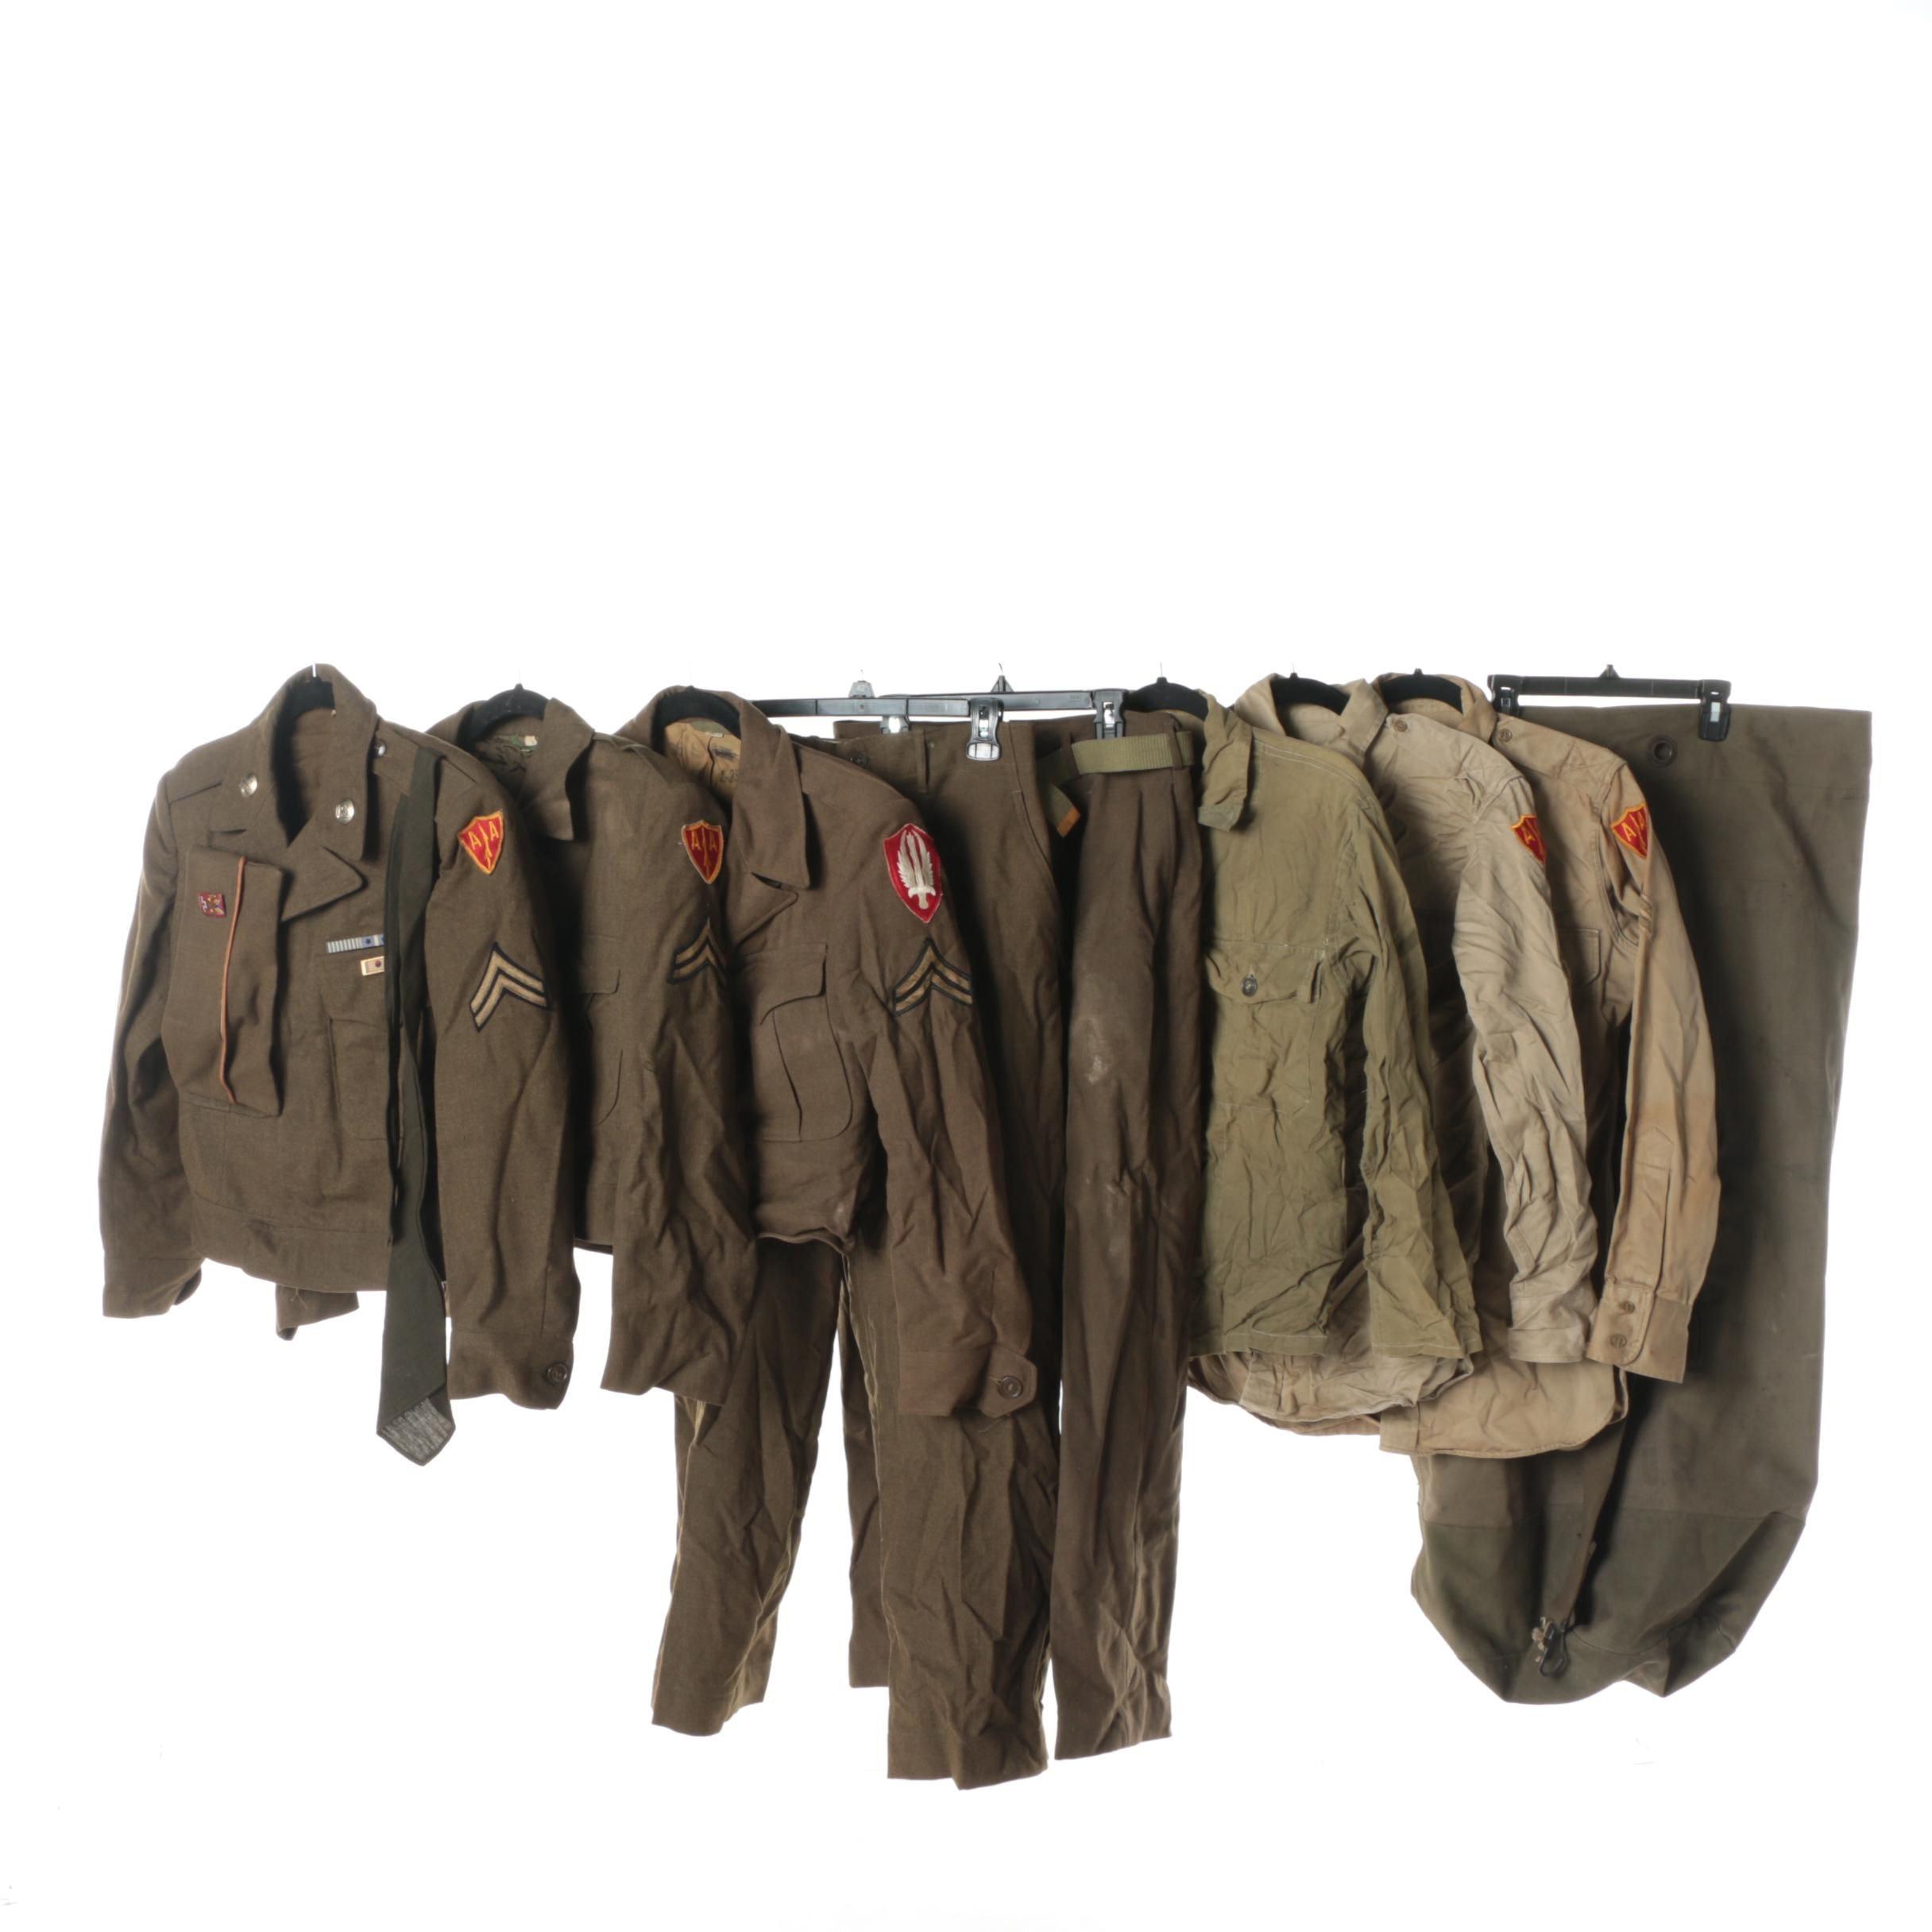 Military WWII-Era Uniforms